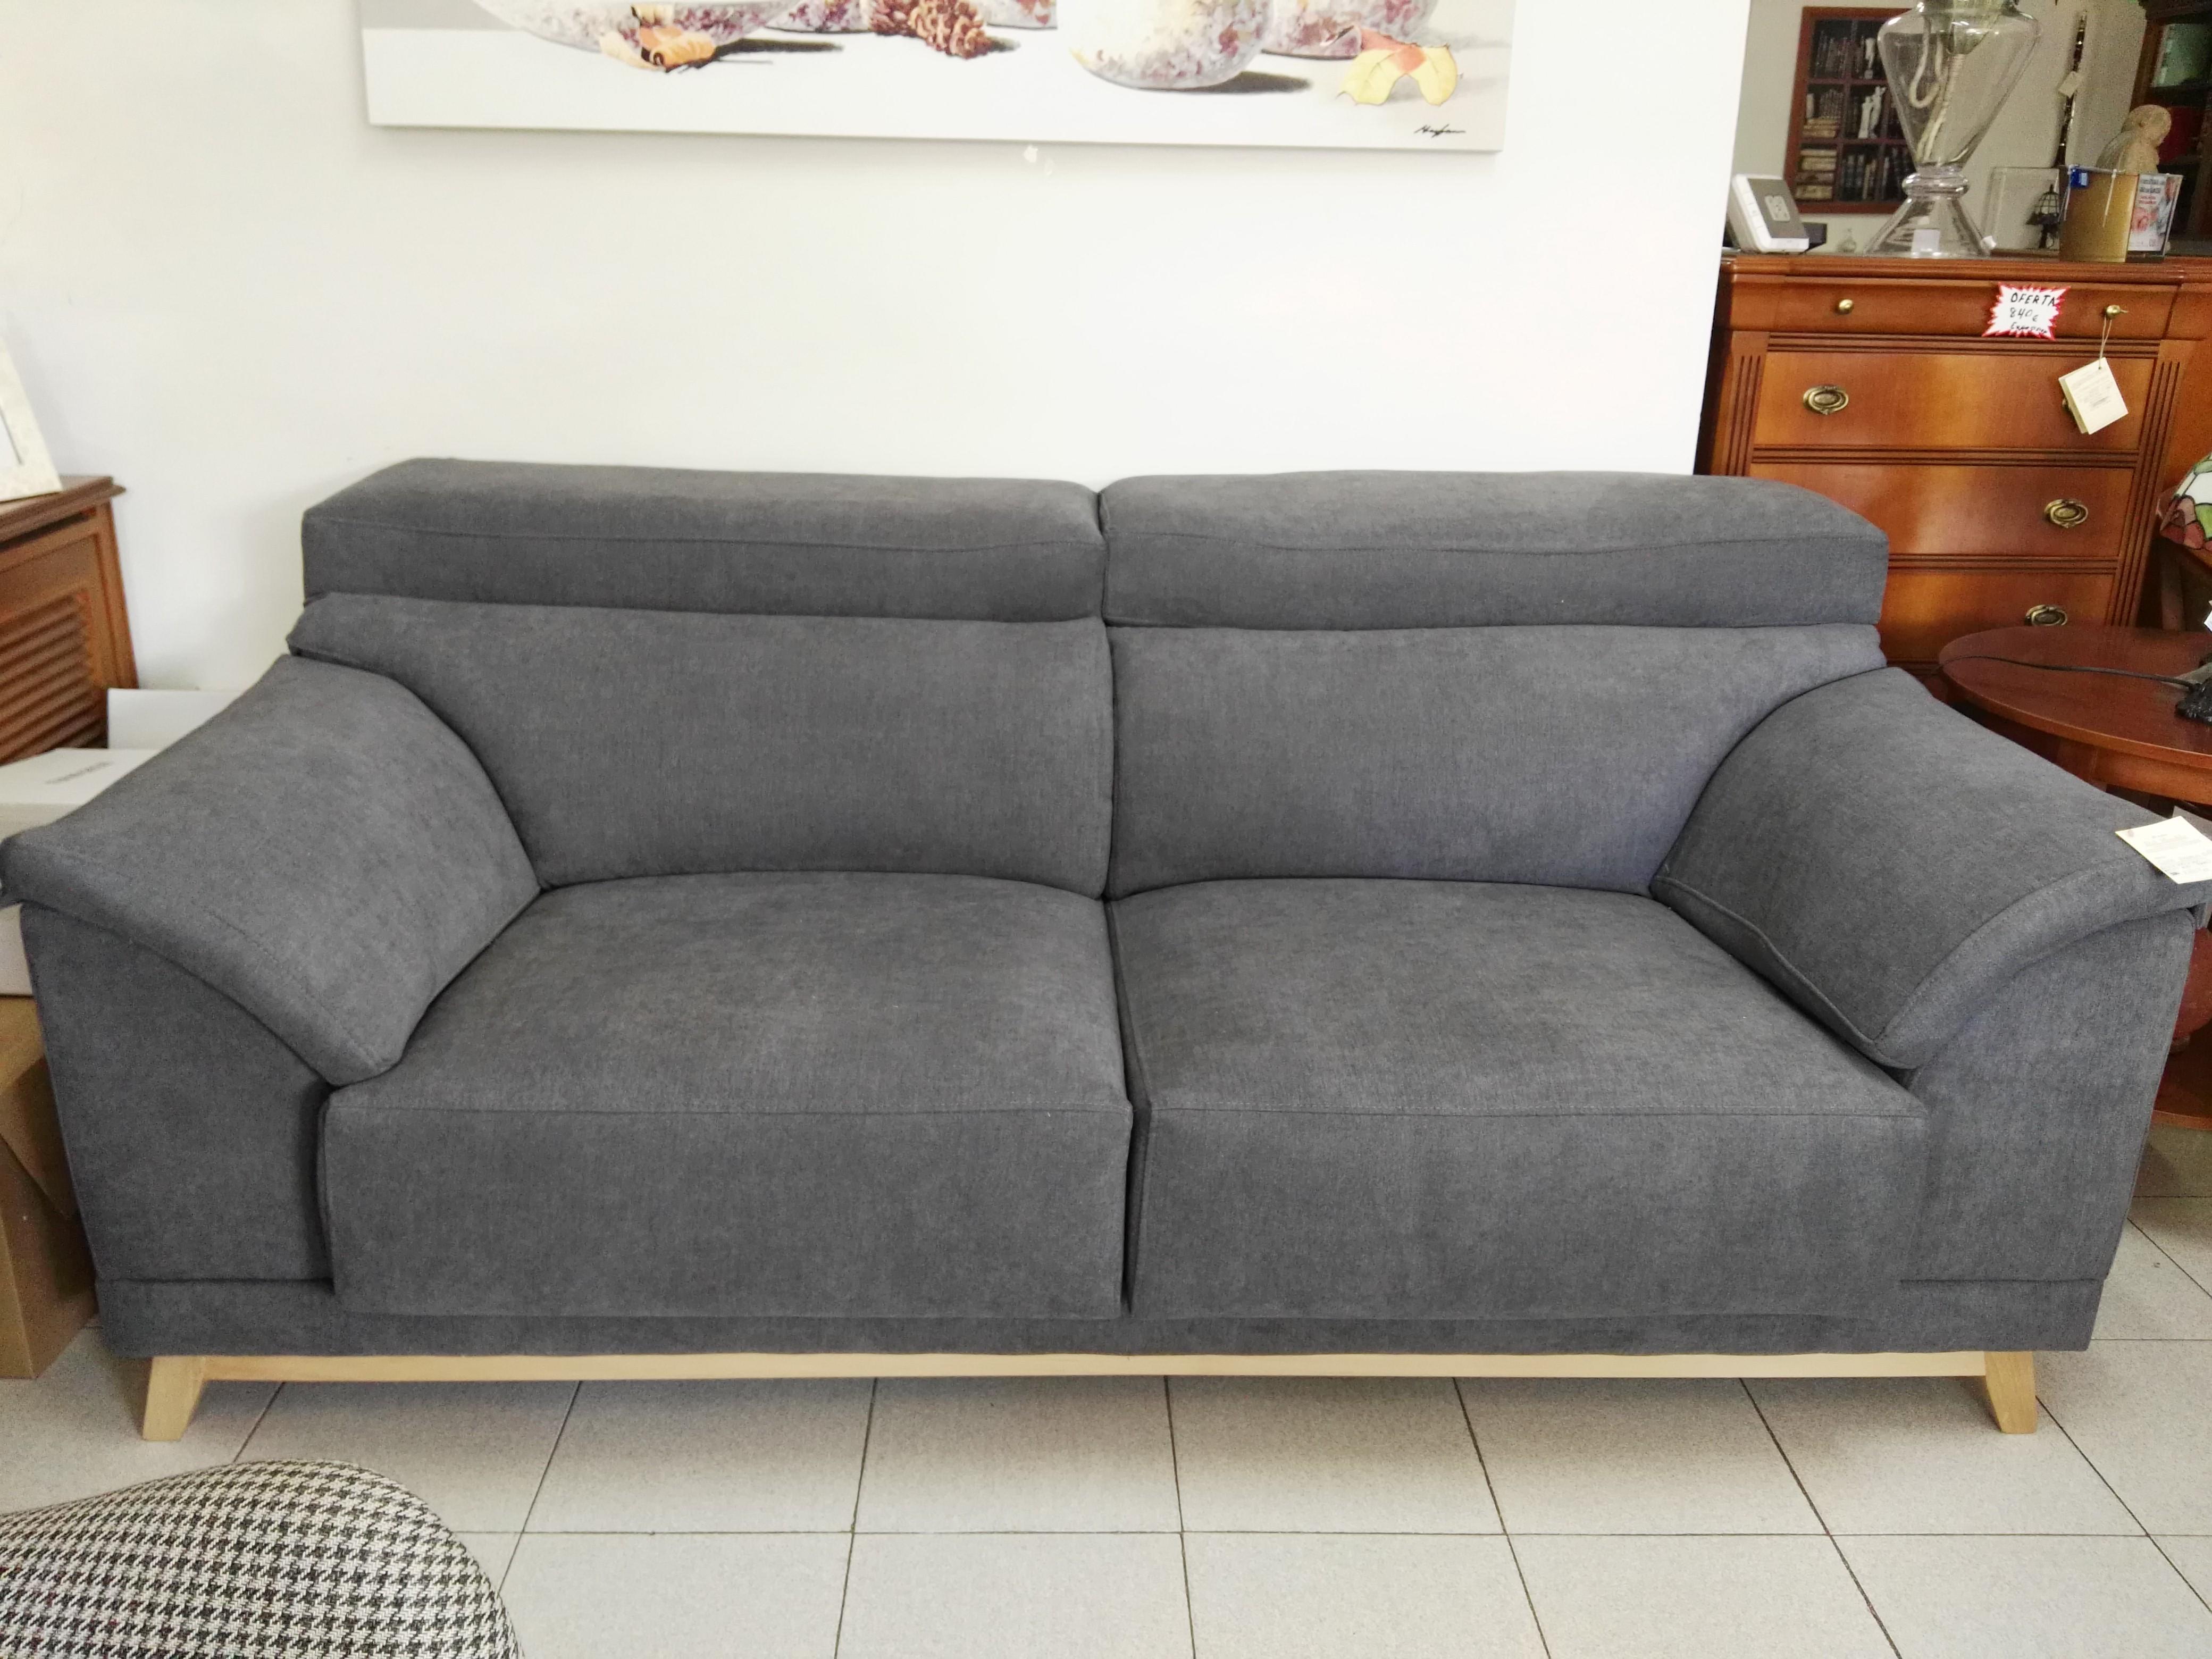 Sofa modelo rebeca el taller del mueble - El mueble sofas ...